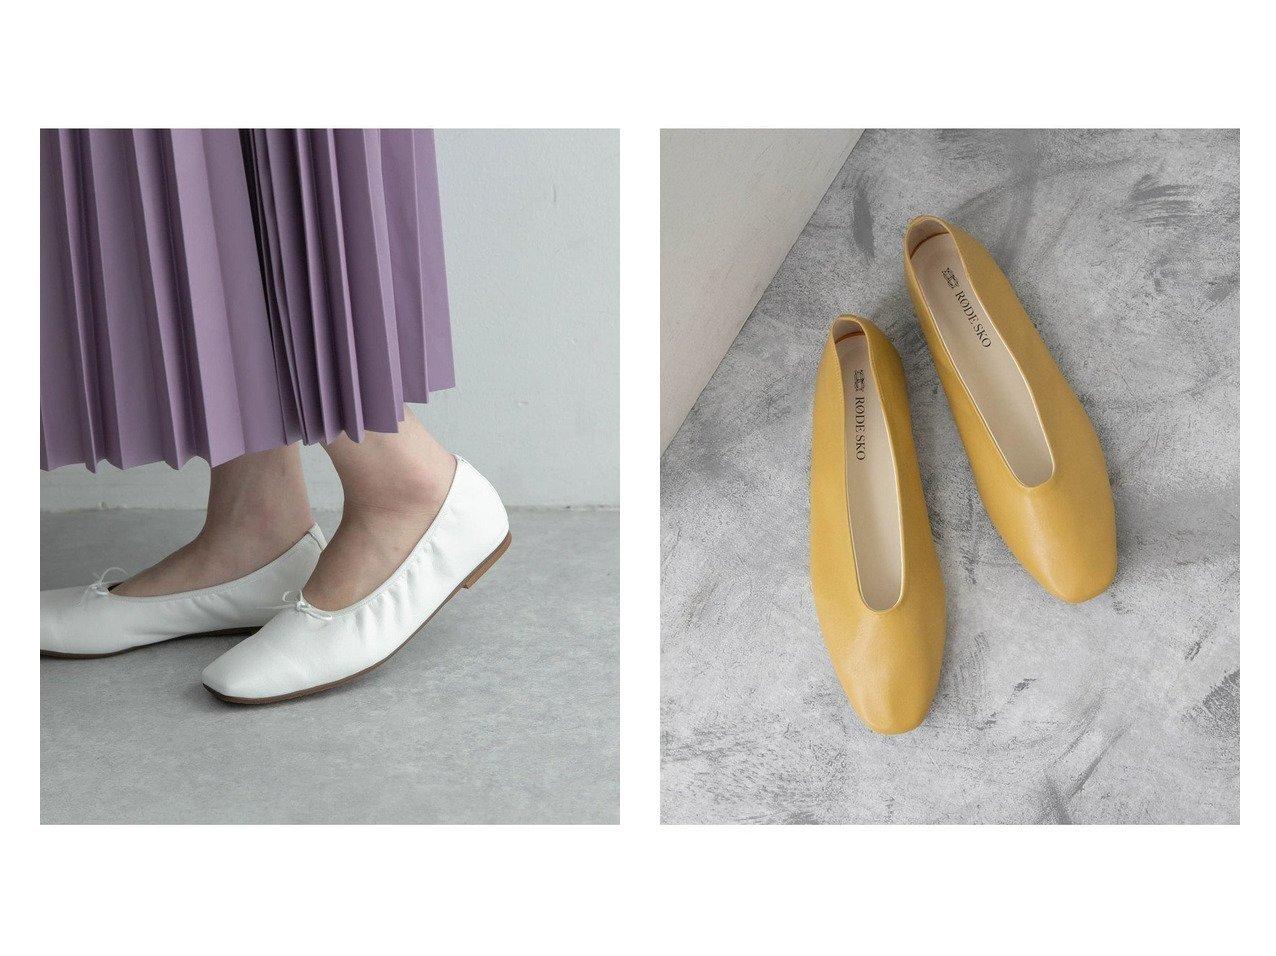 【RODE SKO/ロデスコ】のELIANA スクエアトゥバレエシューズ&NATRIA くったりスムースシューズ シューズ・靴のおすすめ!人気、トレンド・レディースファッションの通販  おすすめで人気の流行・トレンド、ファッションの通販商品 メンズファッション・キッズファッション・インテリア・家具・レディースファッション・服の通販 founy(ファニー) https://founy.com/ ファッション Fashion レディースファッション WOMEN NEW・新作・新着・新入荷 New Arrivals シューズ シンプル ソックス タイツ バレエ フェイクレザー フラット シルバー ベーシック |ID:crp329100000009801